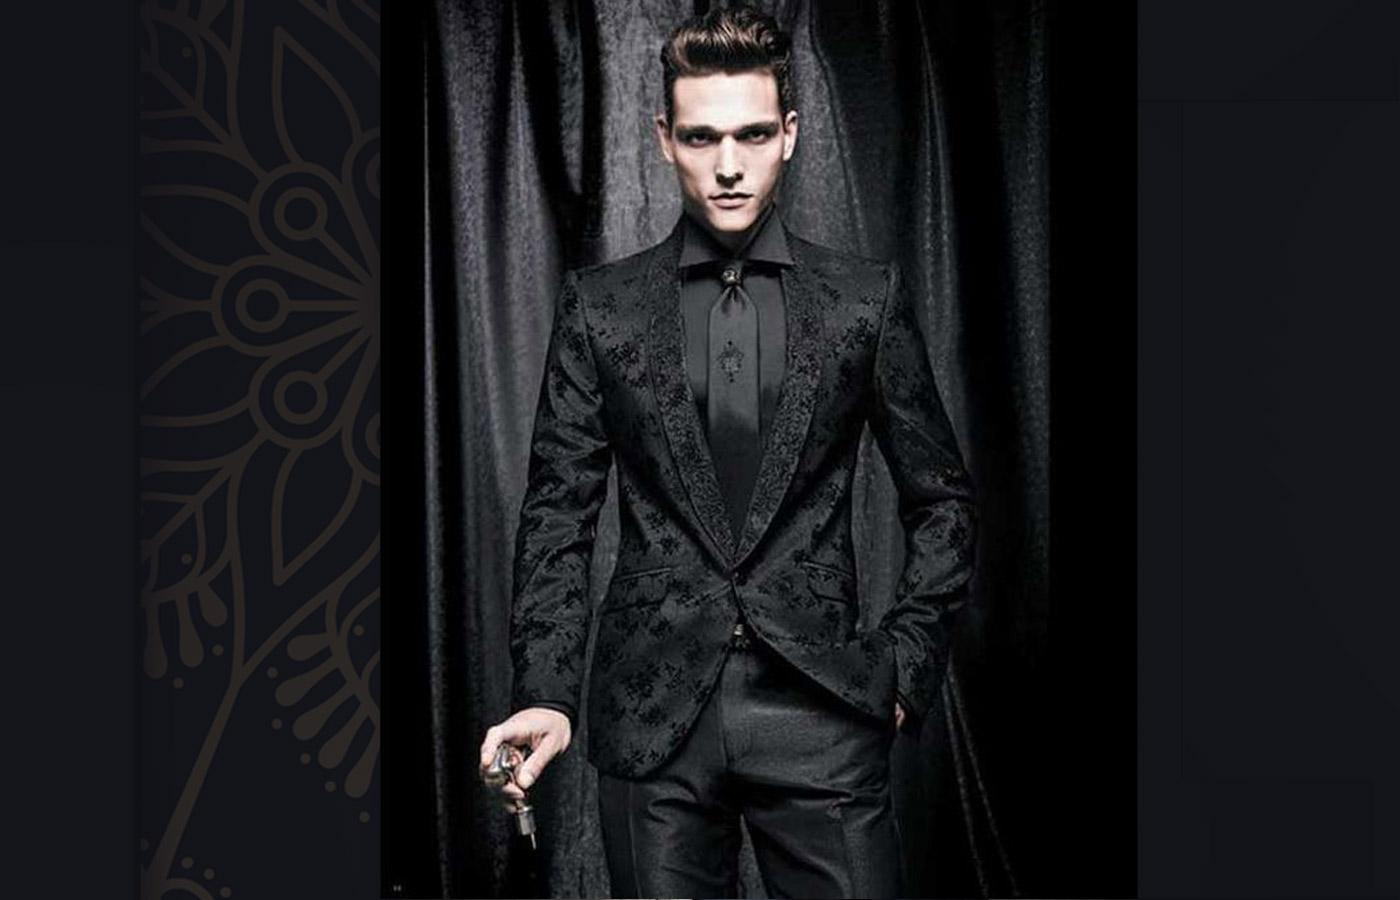 Gothic style for men 23 - استایل گوتیک مردانه